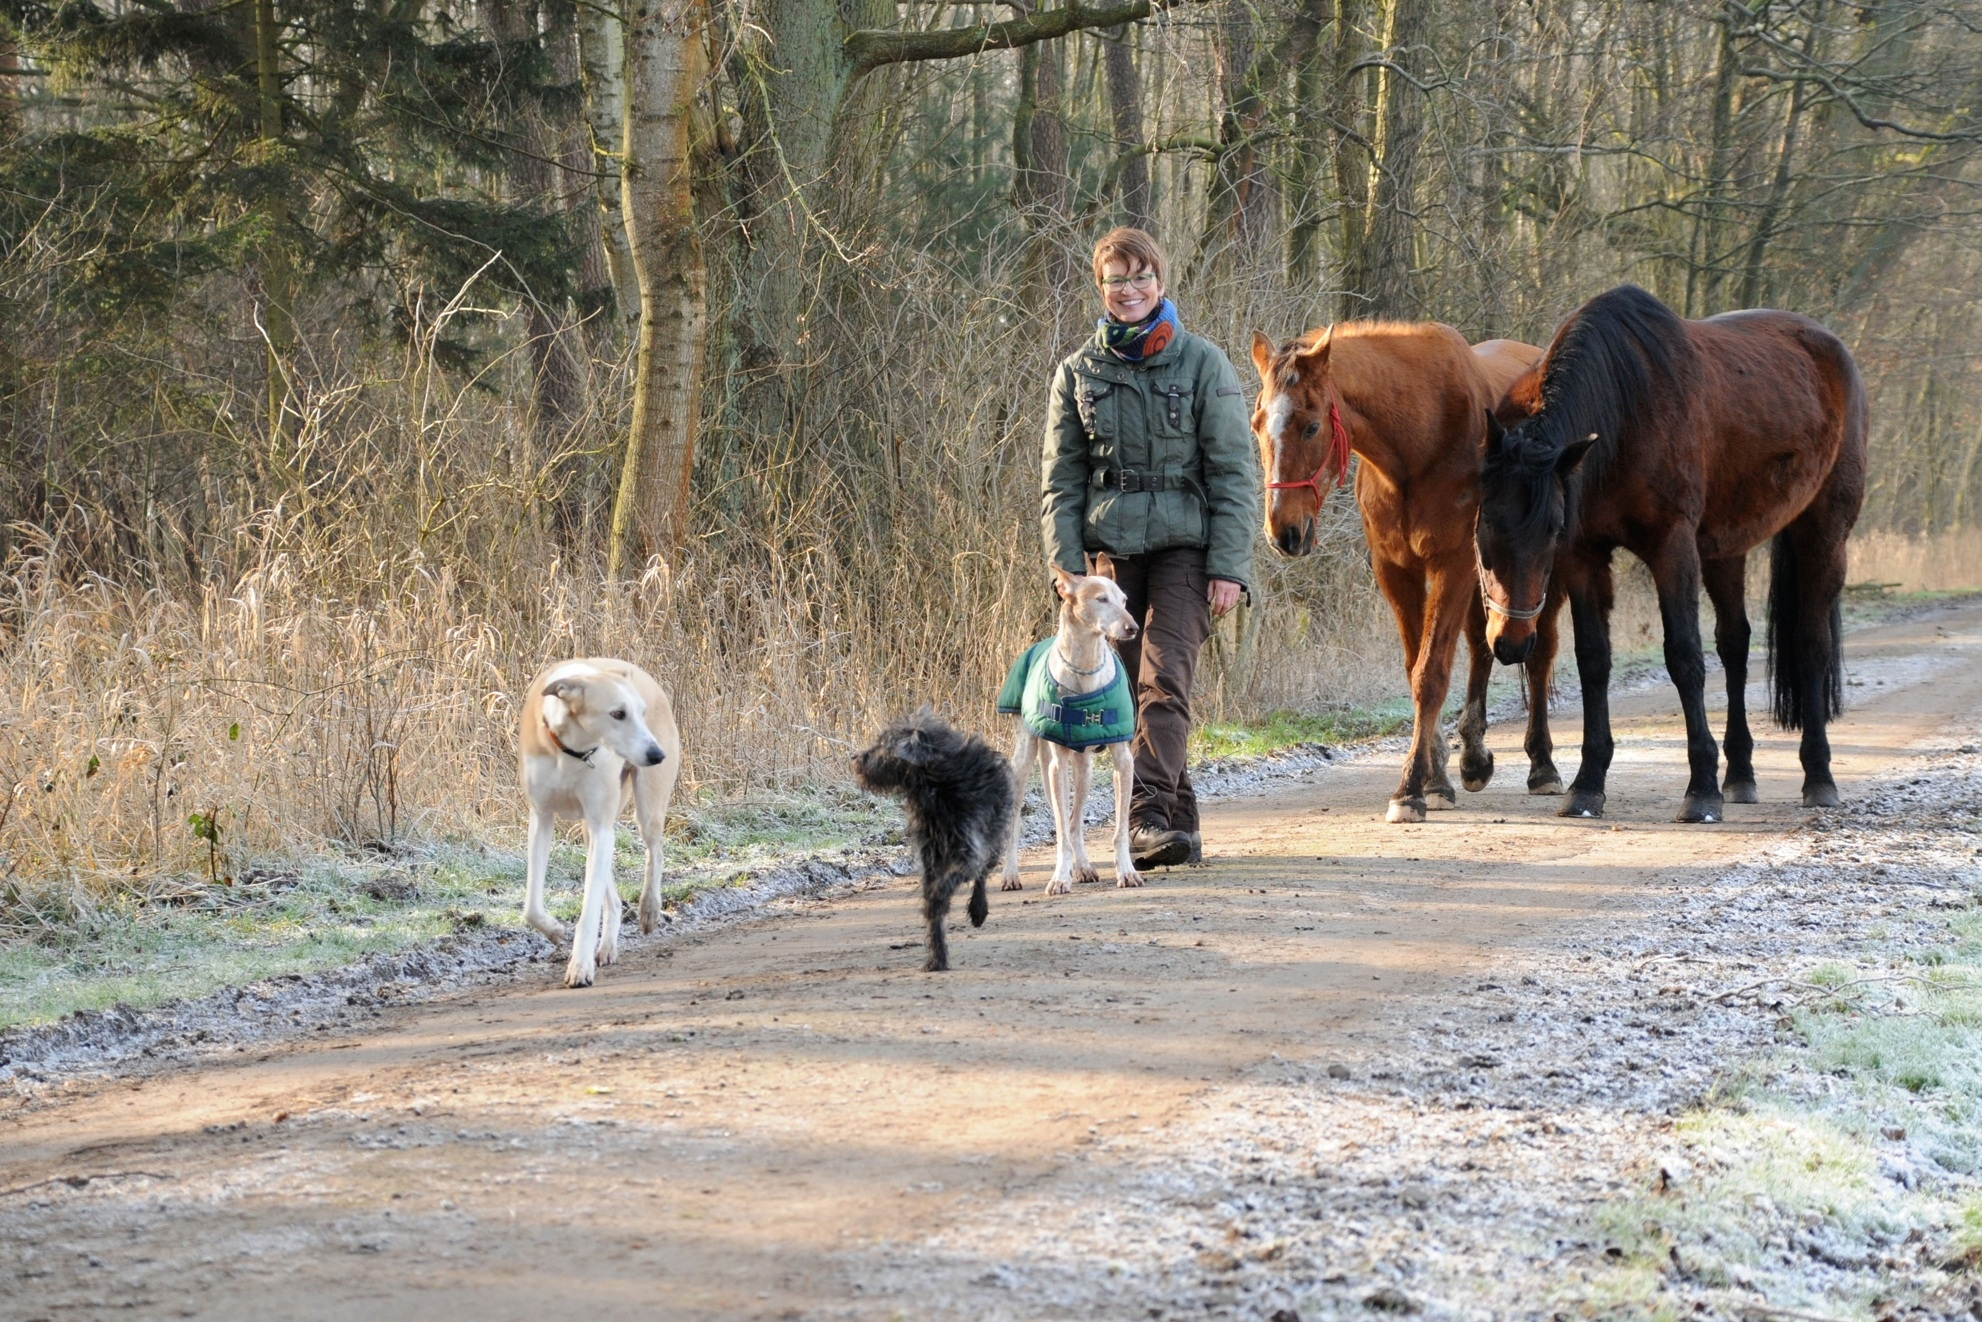 Winterspaziergang mit Pferd, Betriebsausflug Team Pferdeseminar